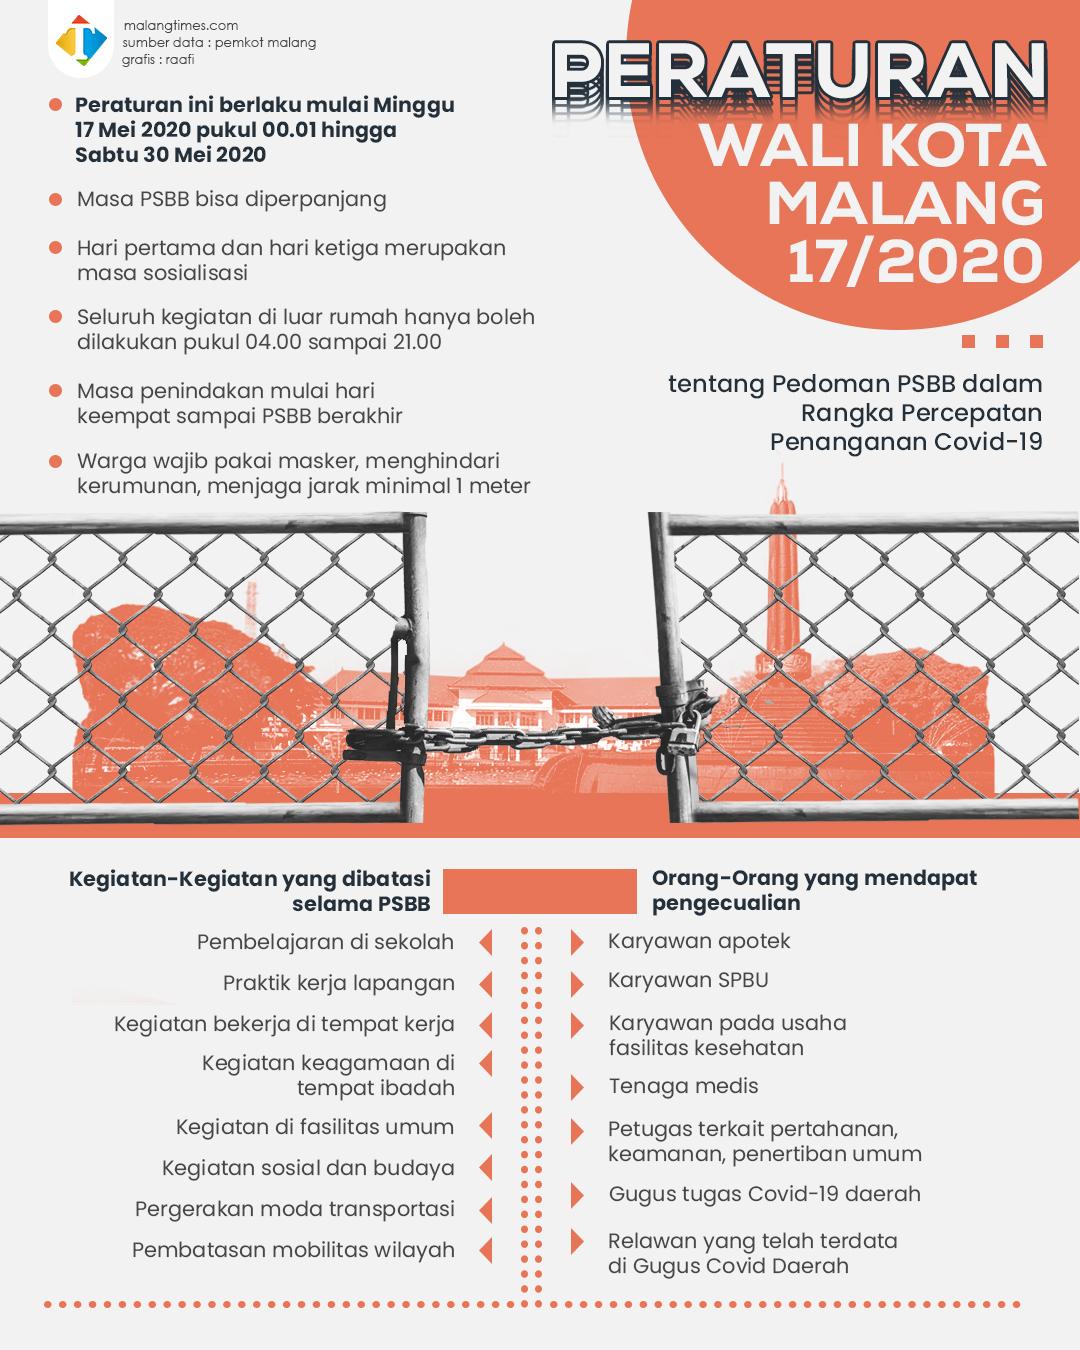 Teruntuk Warga Kota Malang, Ini yang Boleh Dilakukan dan Tidak Selama PSBB